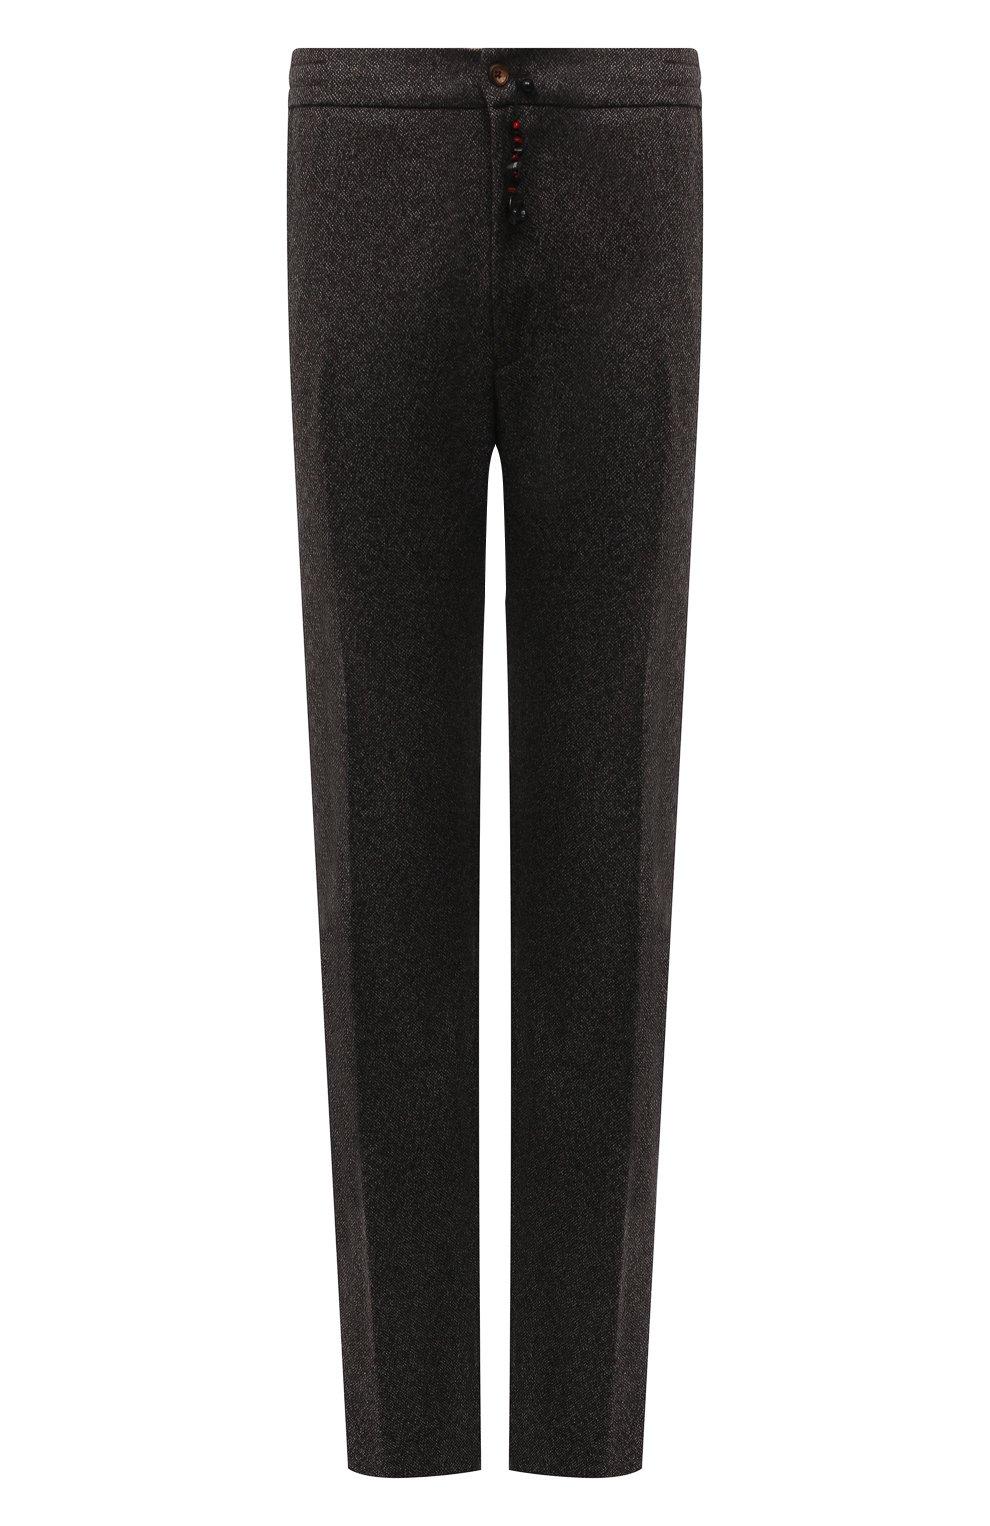 Мужские брюки из кашемира и шерсти MARCO PESCAROLO коричневого цвета, арт. CHIAIAM/ZIP+RIS/4458 | Фото 1 (Big sizes: Big Sizes; Материал внешний: Шерсть, Кашемир; Длина (брюки, джинсы): Стандартные; Случай: Повседневный; Стили: Кэжуэл)